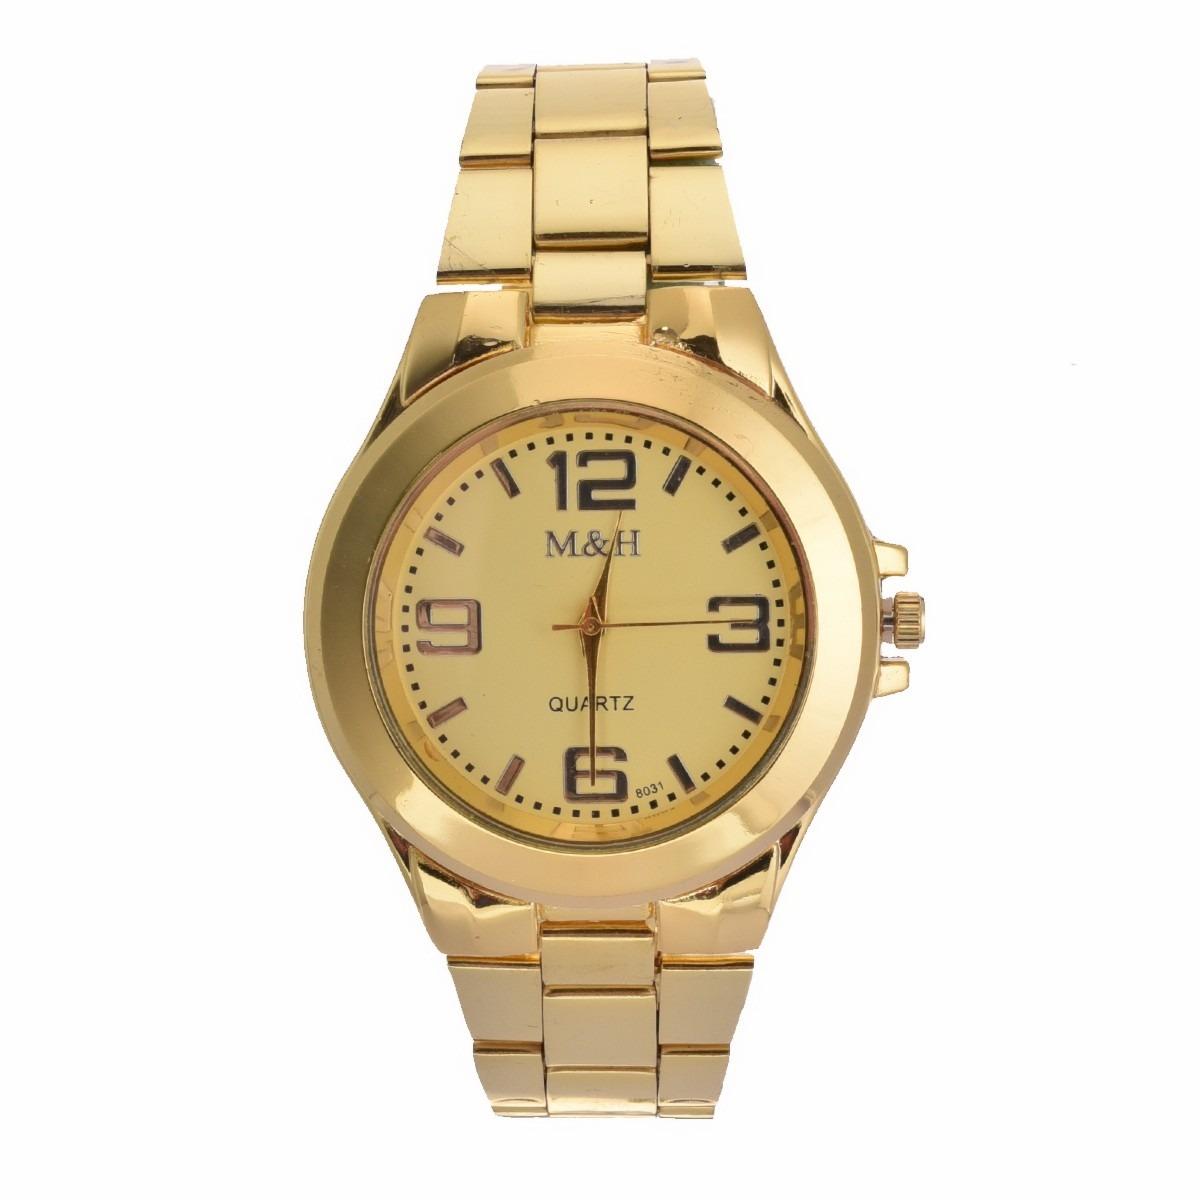 67f014259 Relógio Ostentação Tamanho Grande Aço Inox Folheado - Oferta - R  78 ...